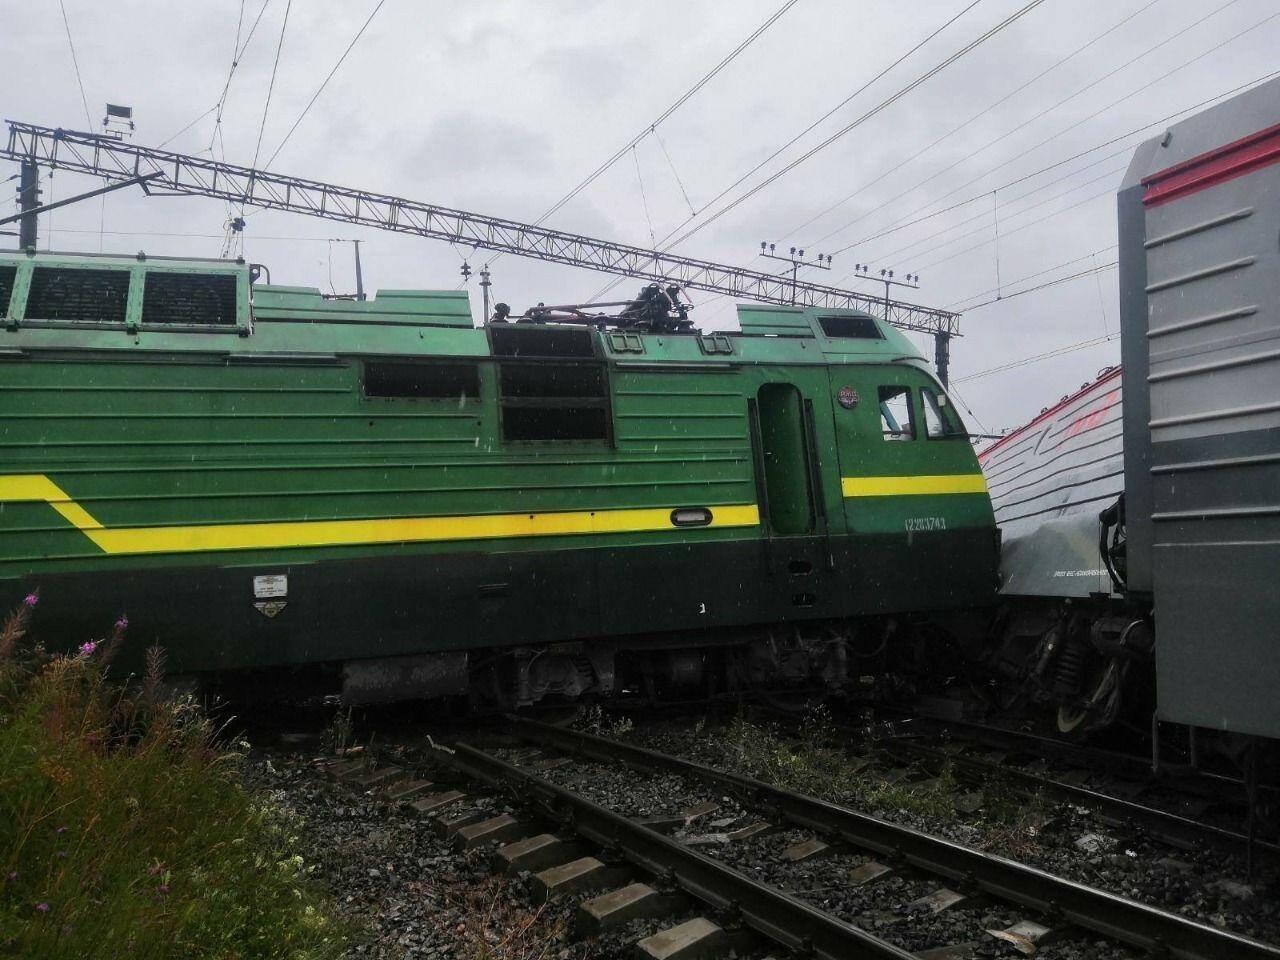 Два грузовых состава столкнулись и сошли с рельсов во Фрунзенском районе Петербурга